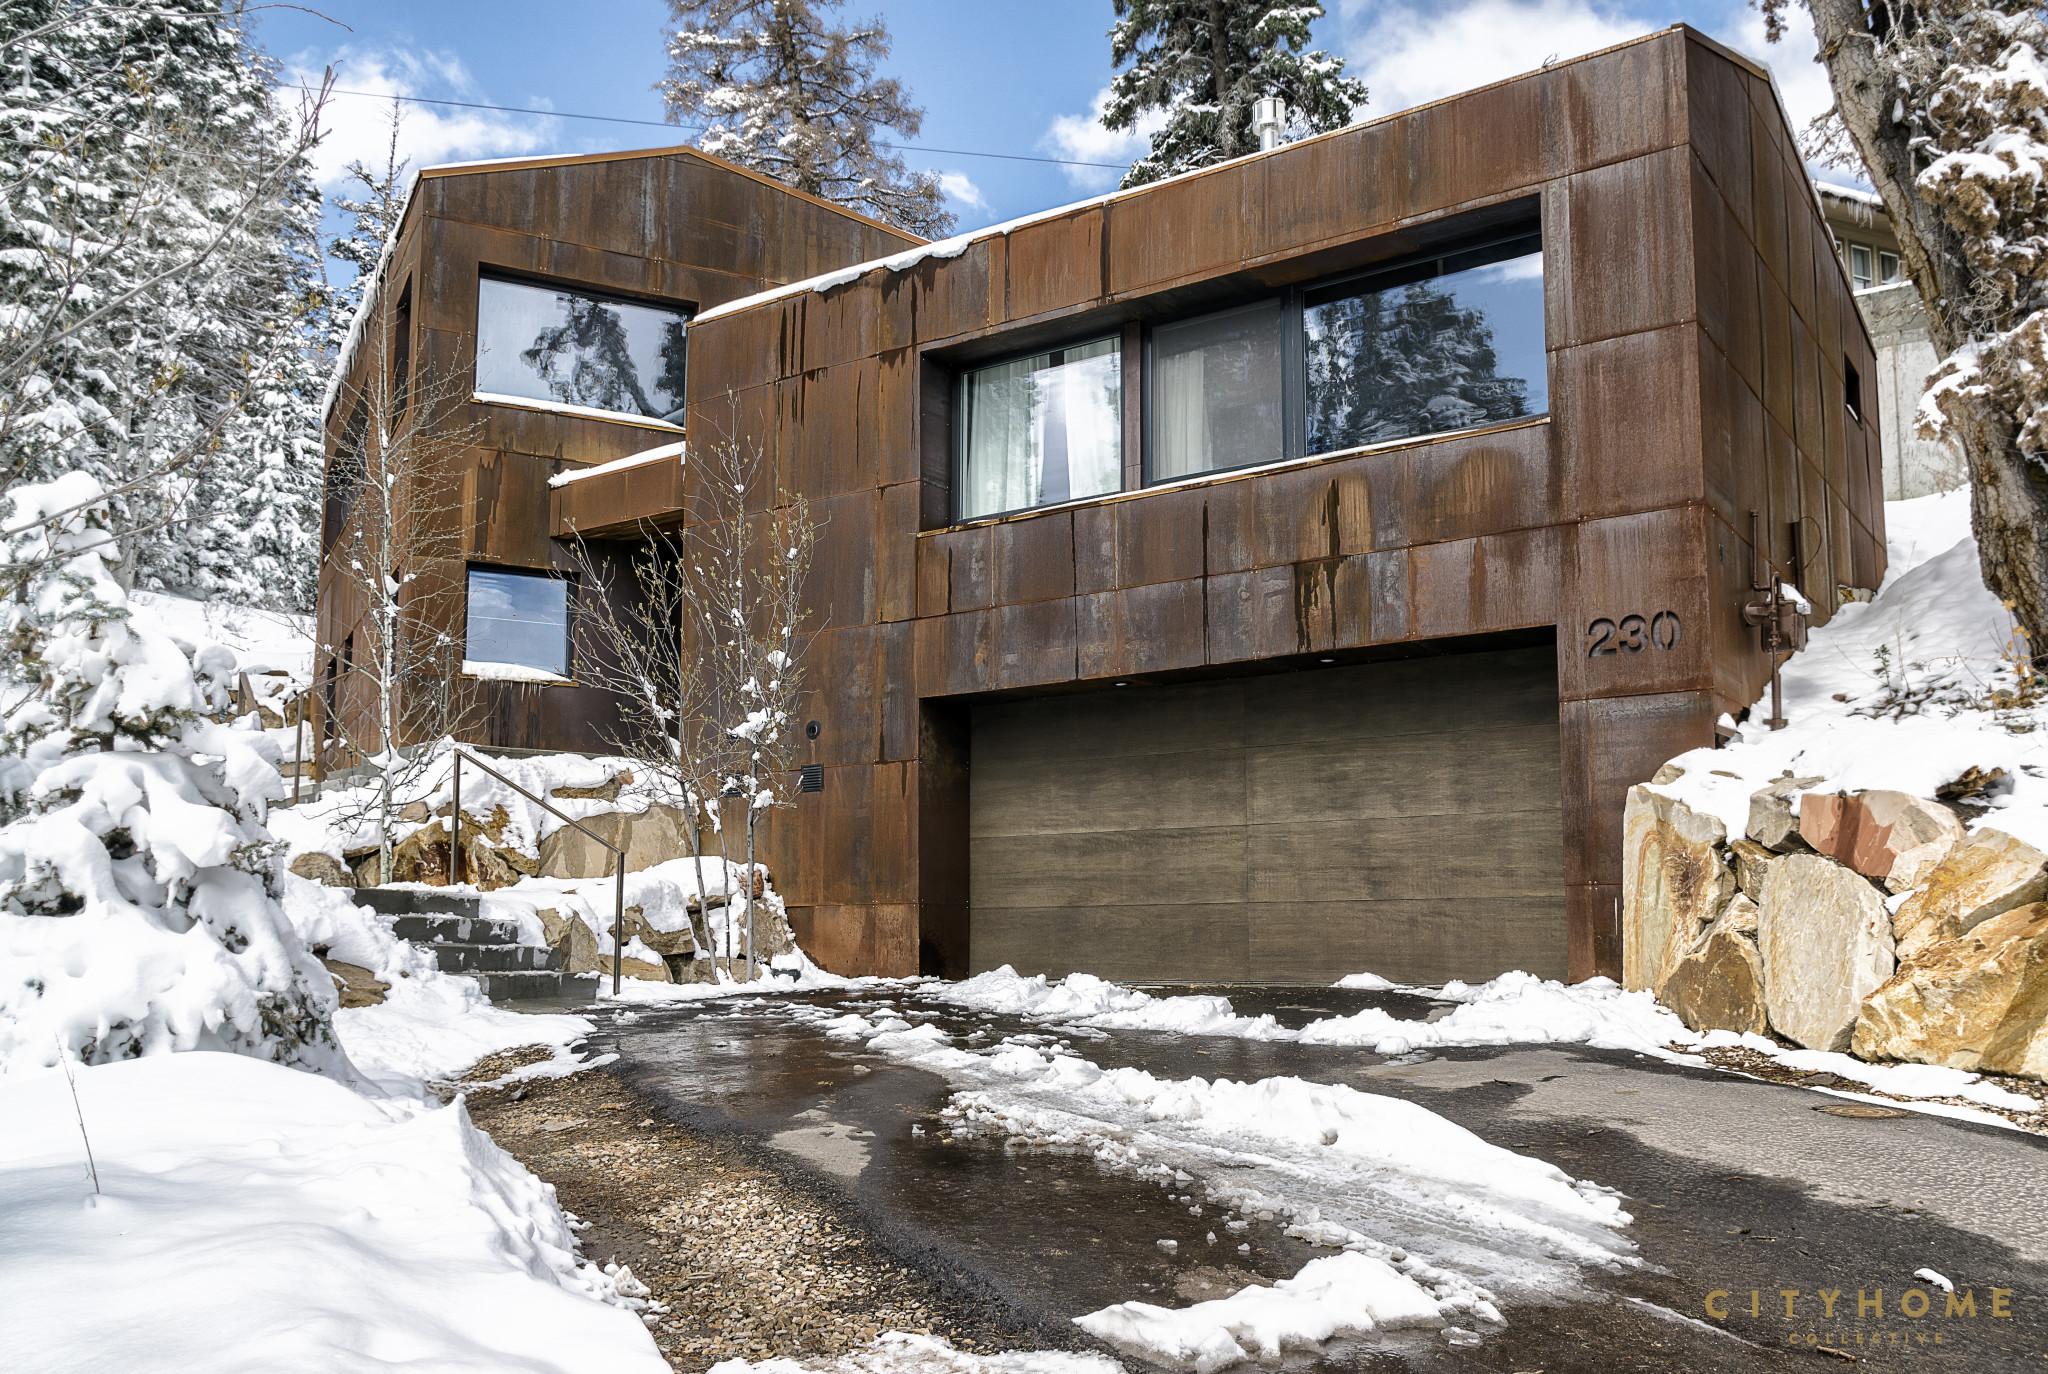 Park city home designs - Home design